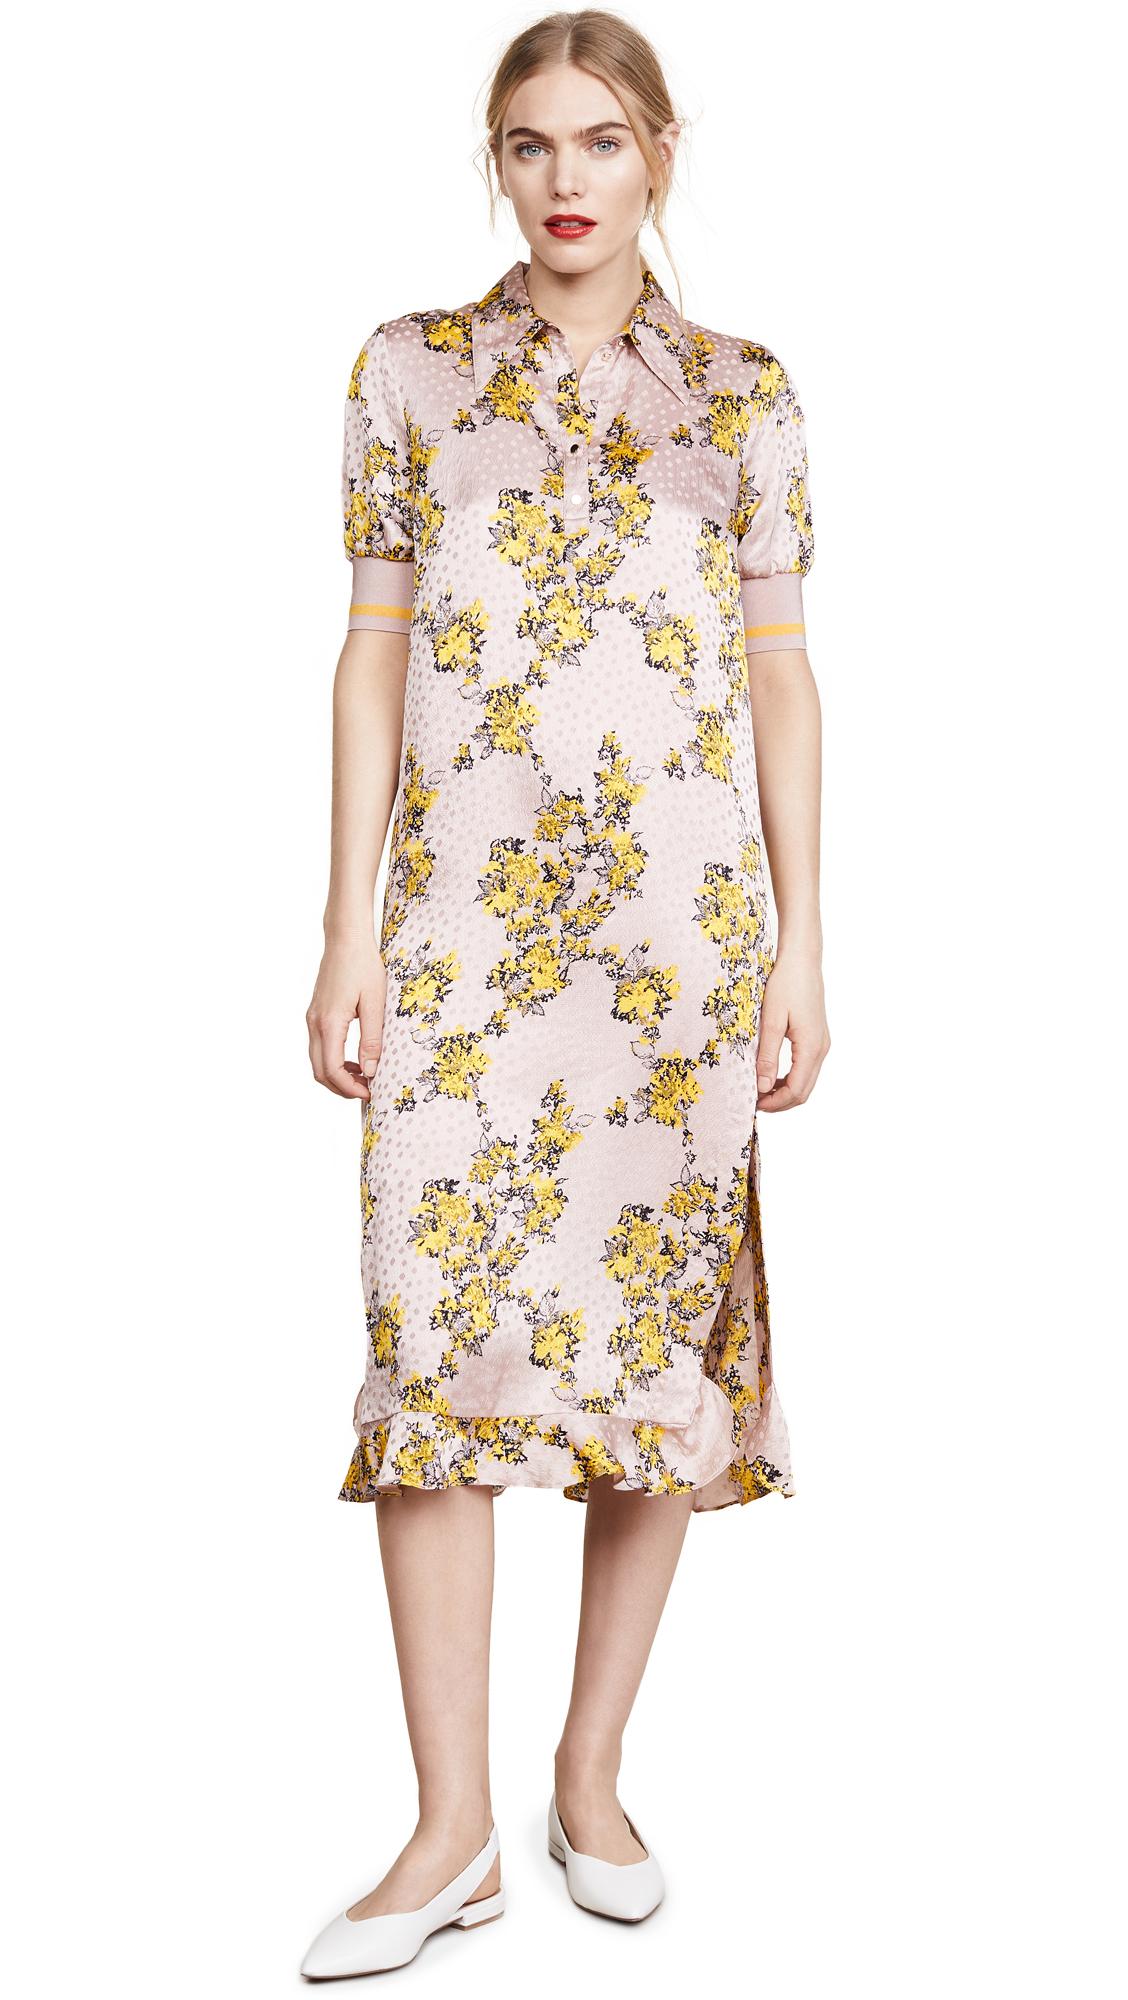 BAUM UND PFERDGARTEN Aksinja Dress In Yellow Splash